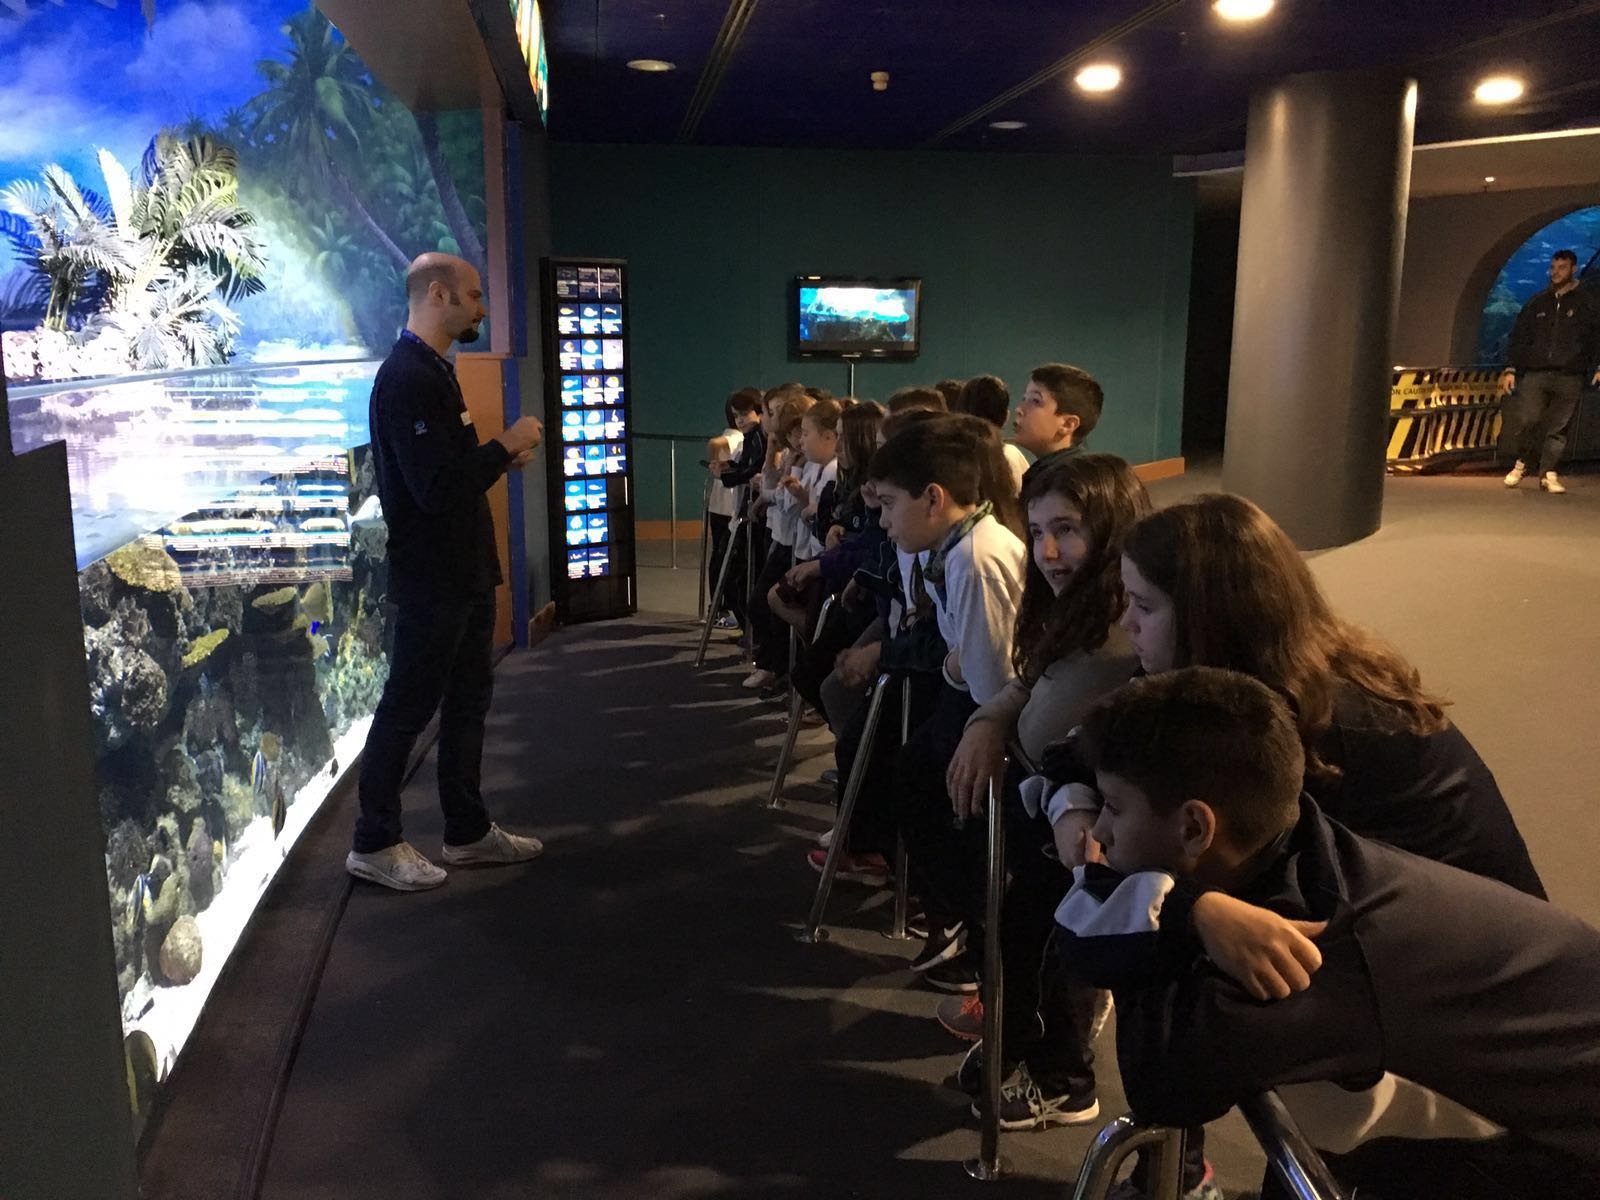 Visita a l'aquari